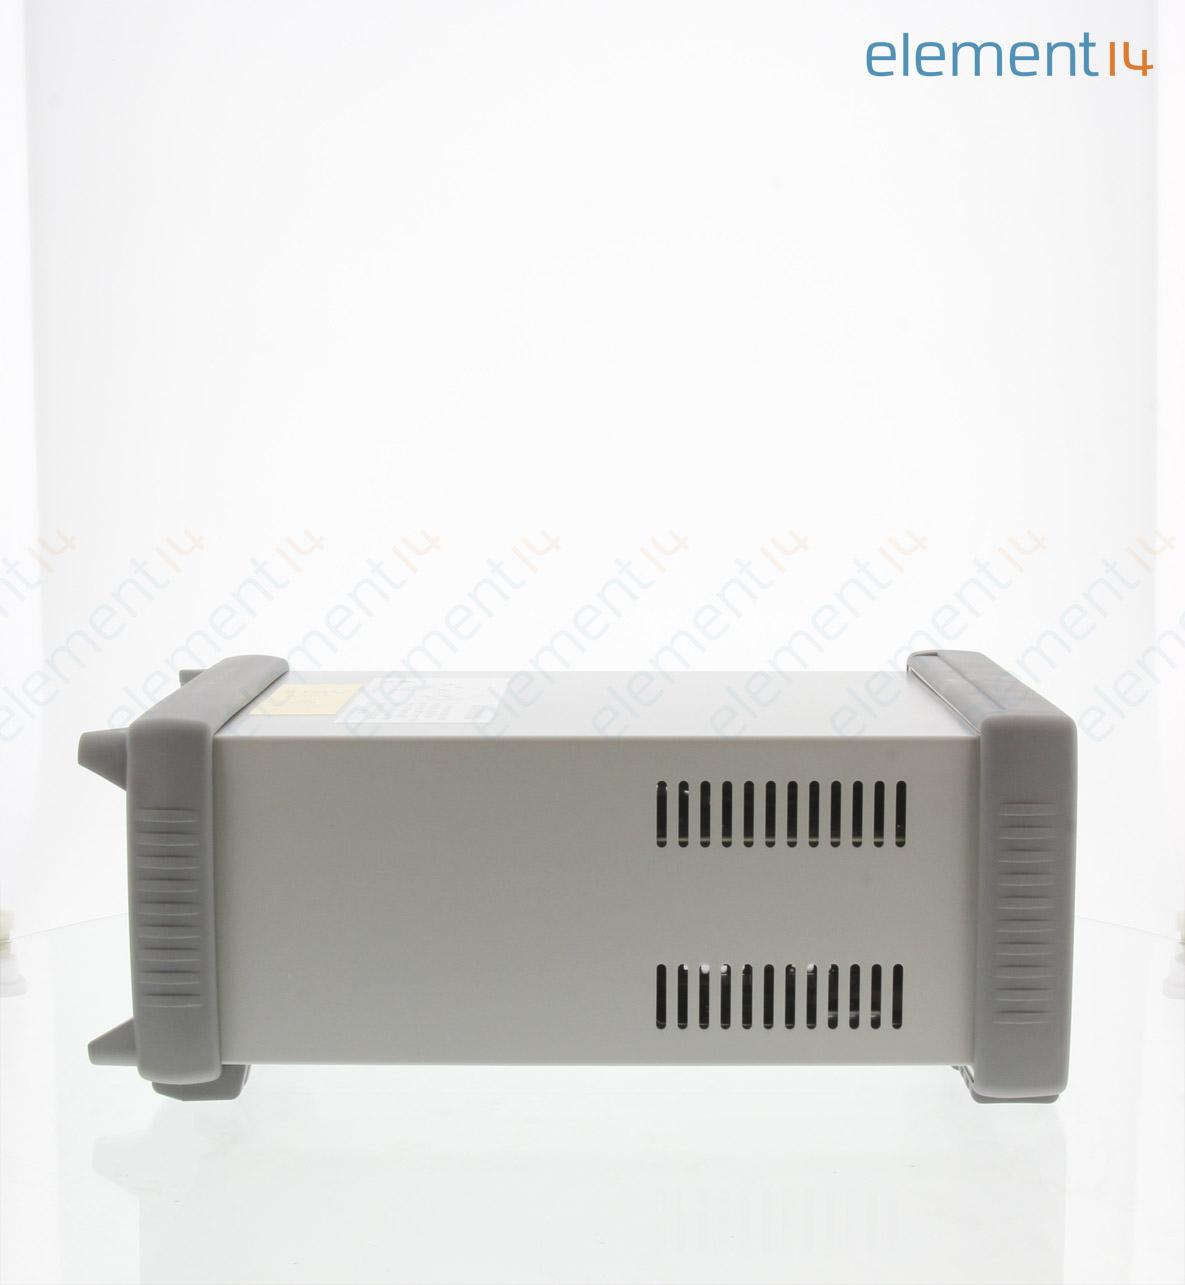 E3646a Keysight Technologies Bench Power Supply Programmable 2 Output 0 V 20 V 1 5 A 3